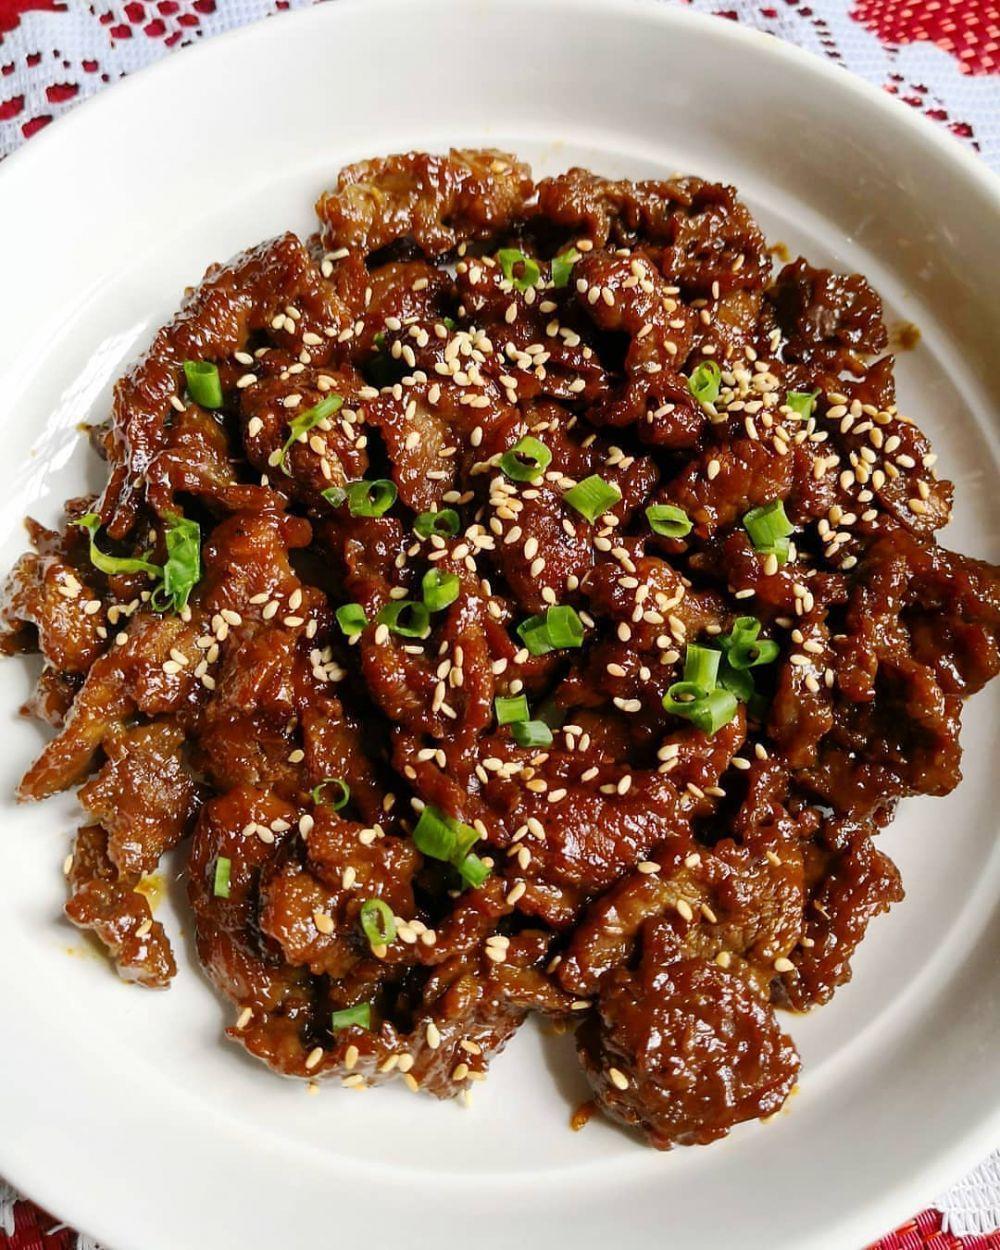 18 Resep Masakan Daging Sapi Enak Sederhana Mudah Dibuat Instagram Resepdaging Resep Idemasak Id Resep Masakan Resep Masakan